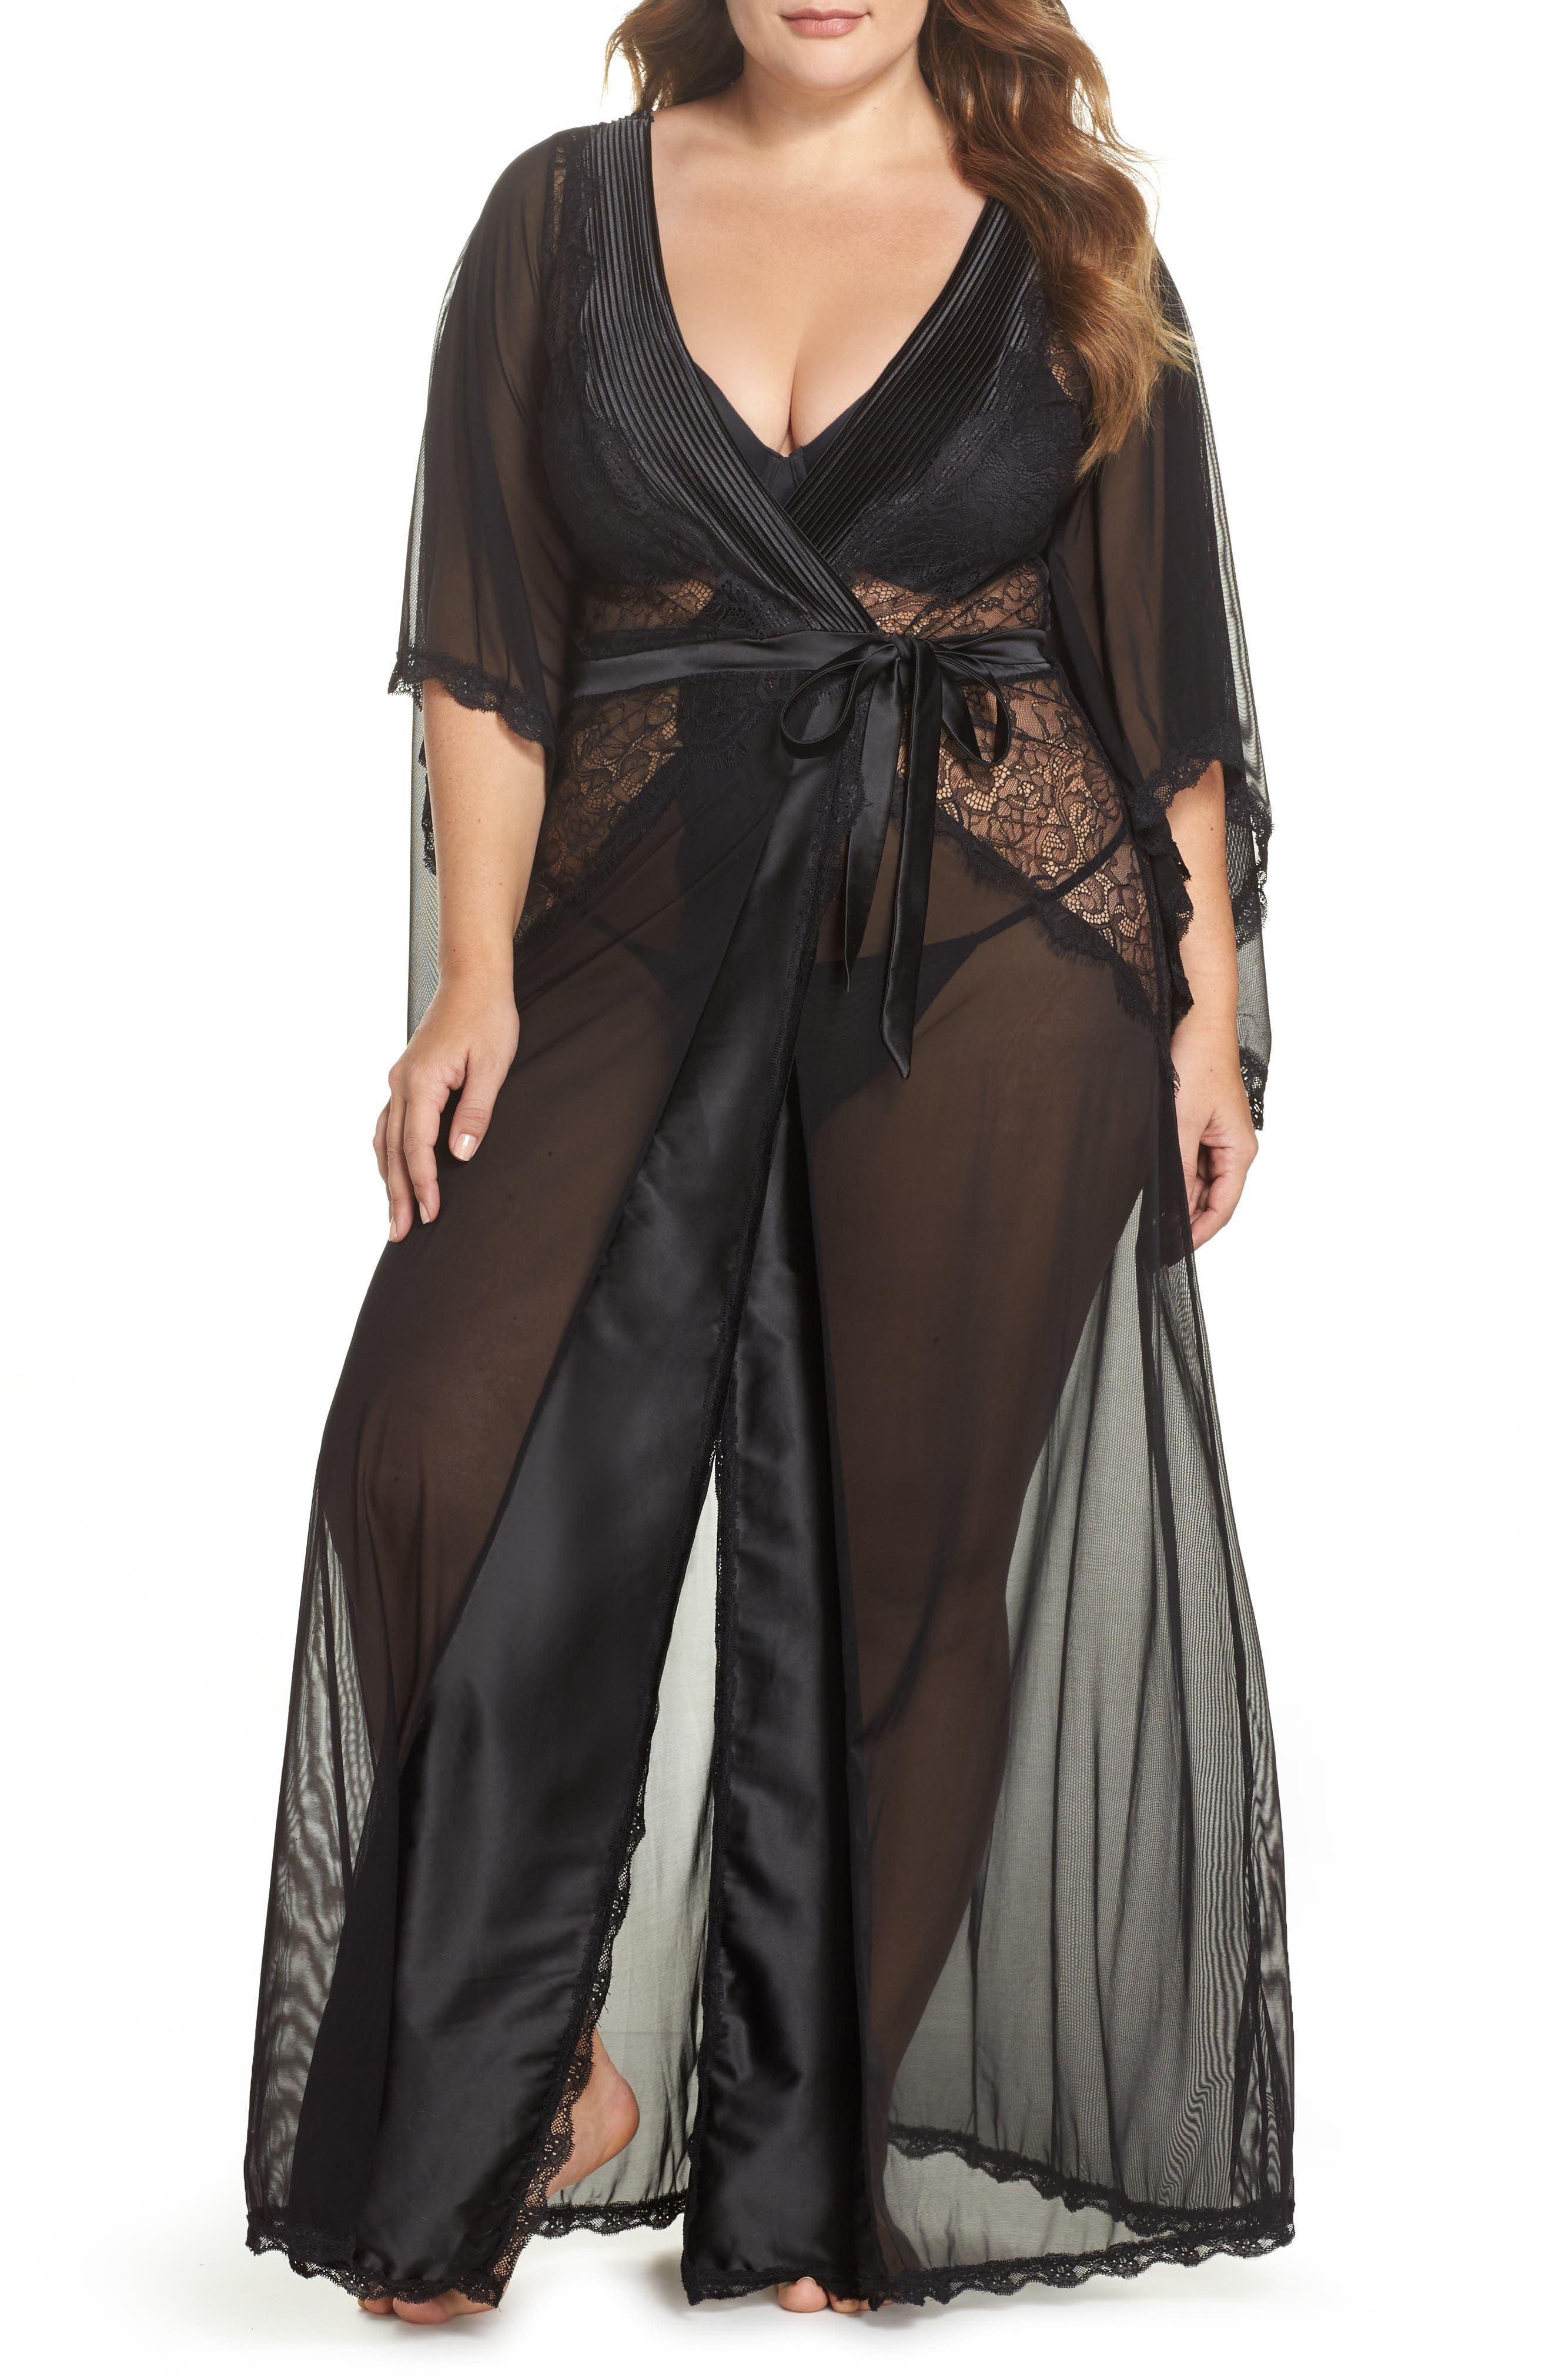 Alternate Image 1 Selected - Oh La La Cheri Nicolette Sheer Robe & G-String (Plus Size)